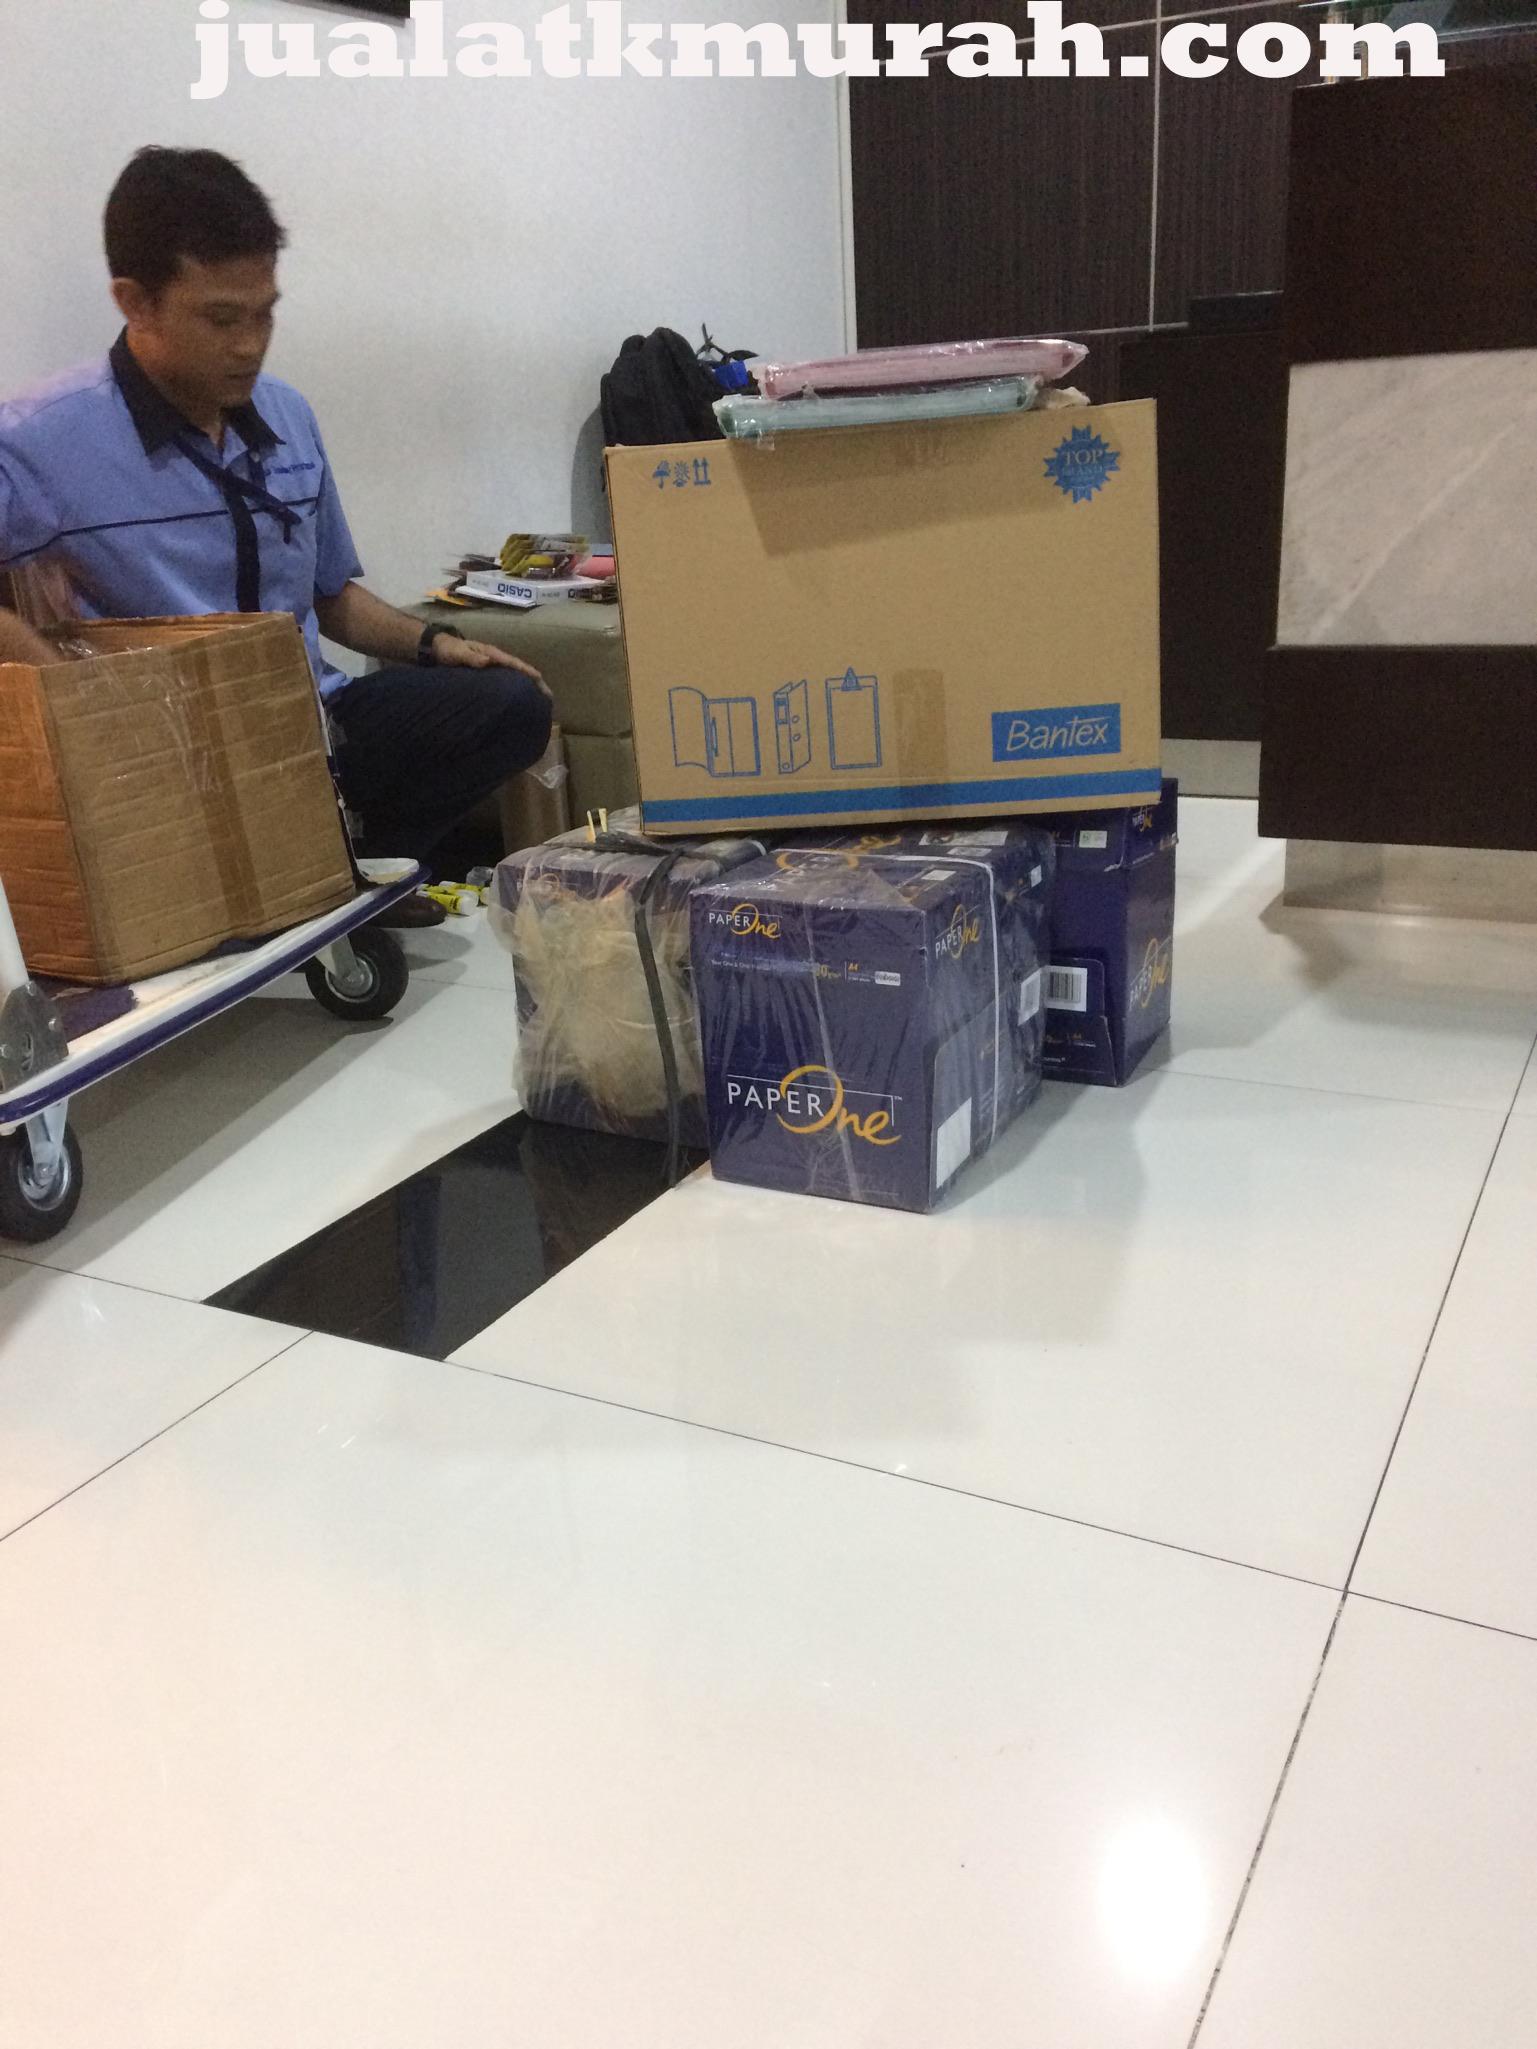 Jual ATK Mura di MH Thamrin Jakarta Pusat